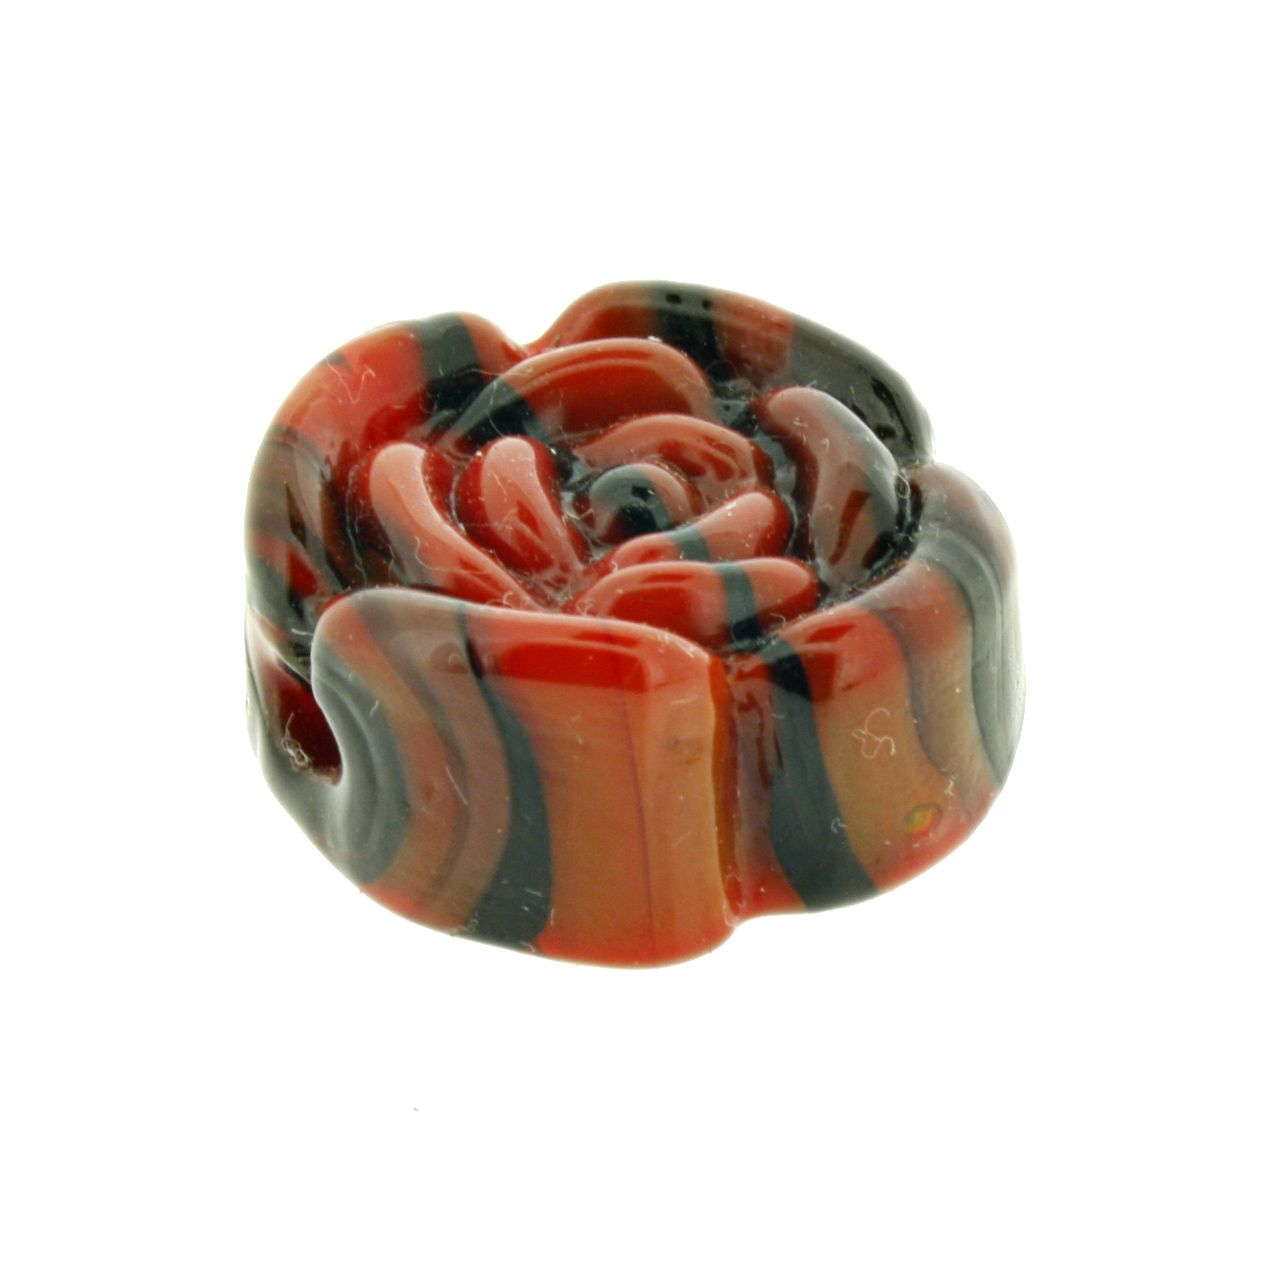 Firma Rosa - Vermelha e Preta - 1 Peça  - Stéphanie Bijoux® - Peças para Bijuterias e Artesanato